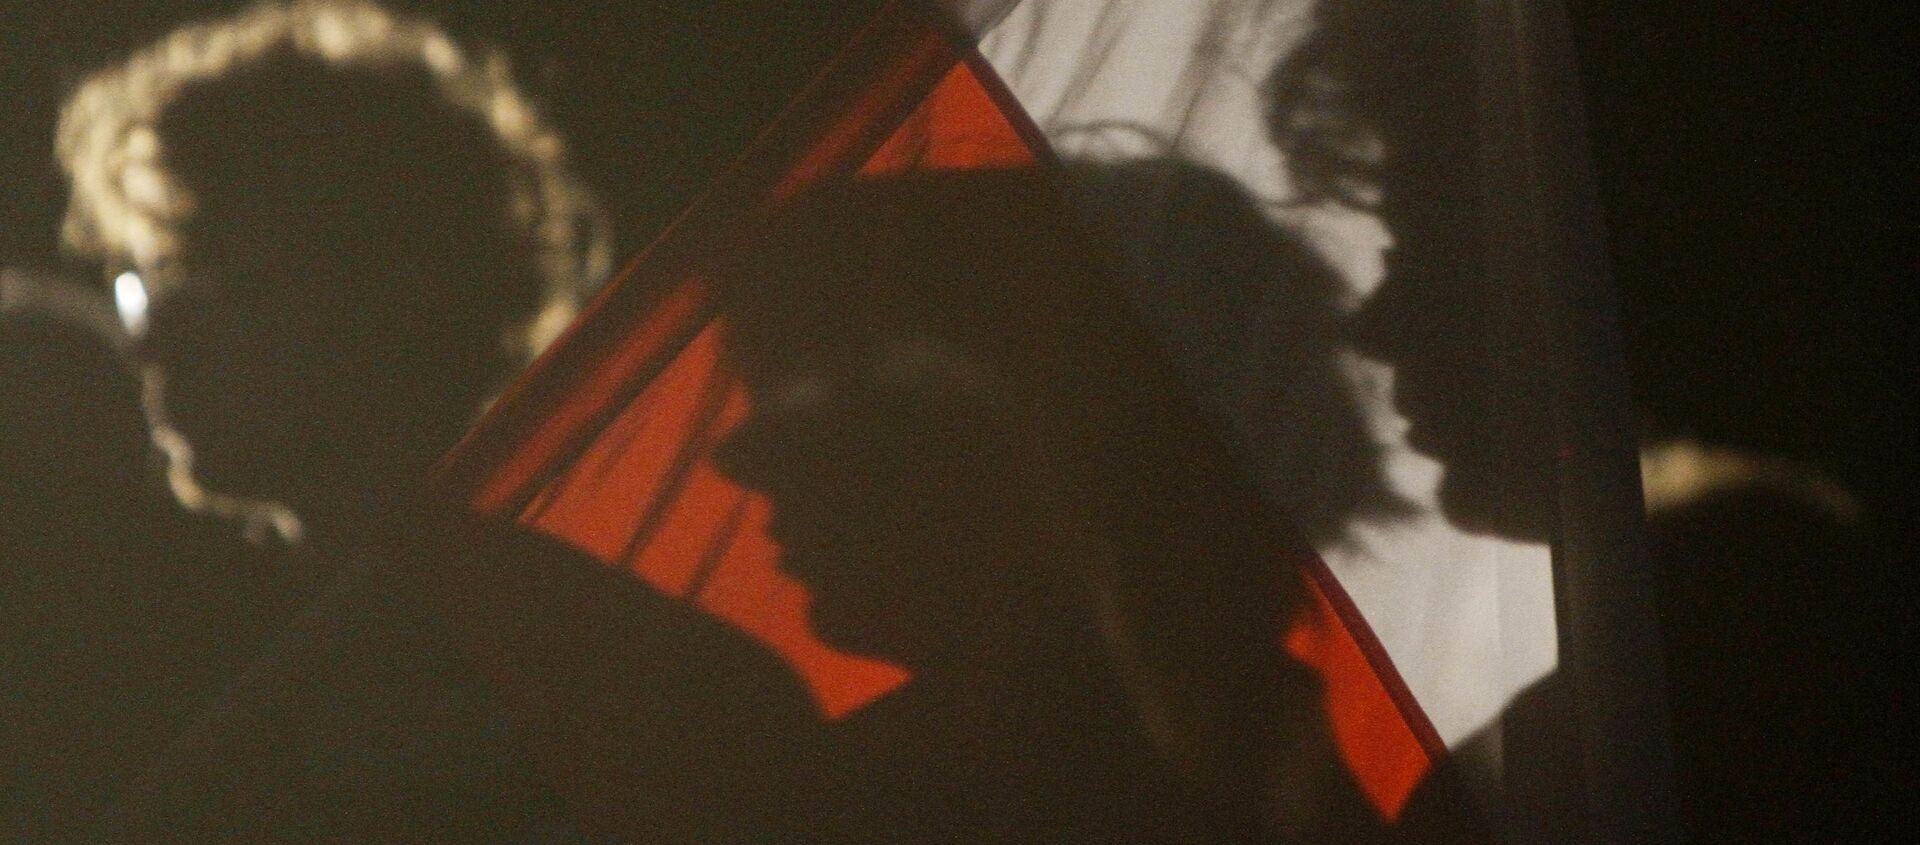 Uroczystość upamiętniająca rocznicę wybuchu II wojny światowej w Gdańsku. Zdjęcie archiwalne - Sputnik Polska, 1920, 09.03.2021